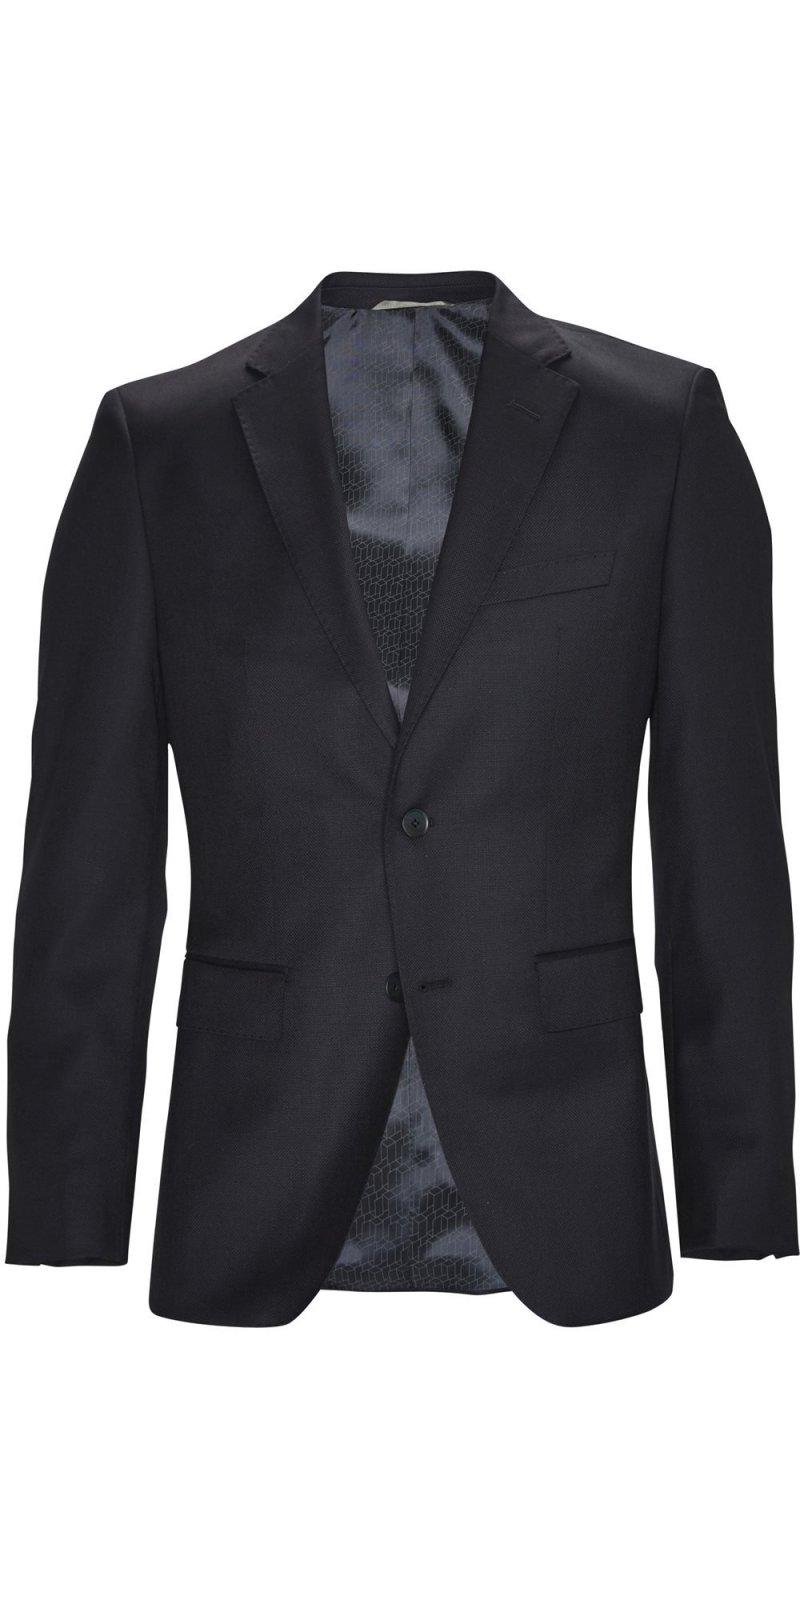 hugo boss veste jewels 50332790 veste pour homme. Black Bedroom Furniture Sets. Home Design Ideas